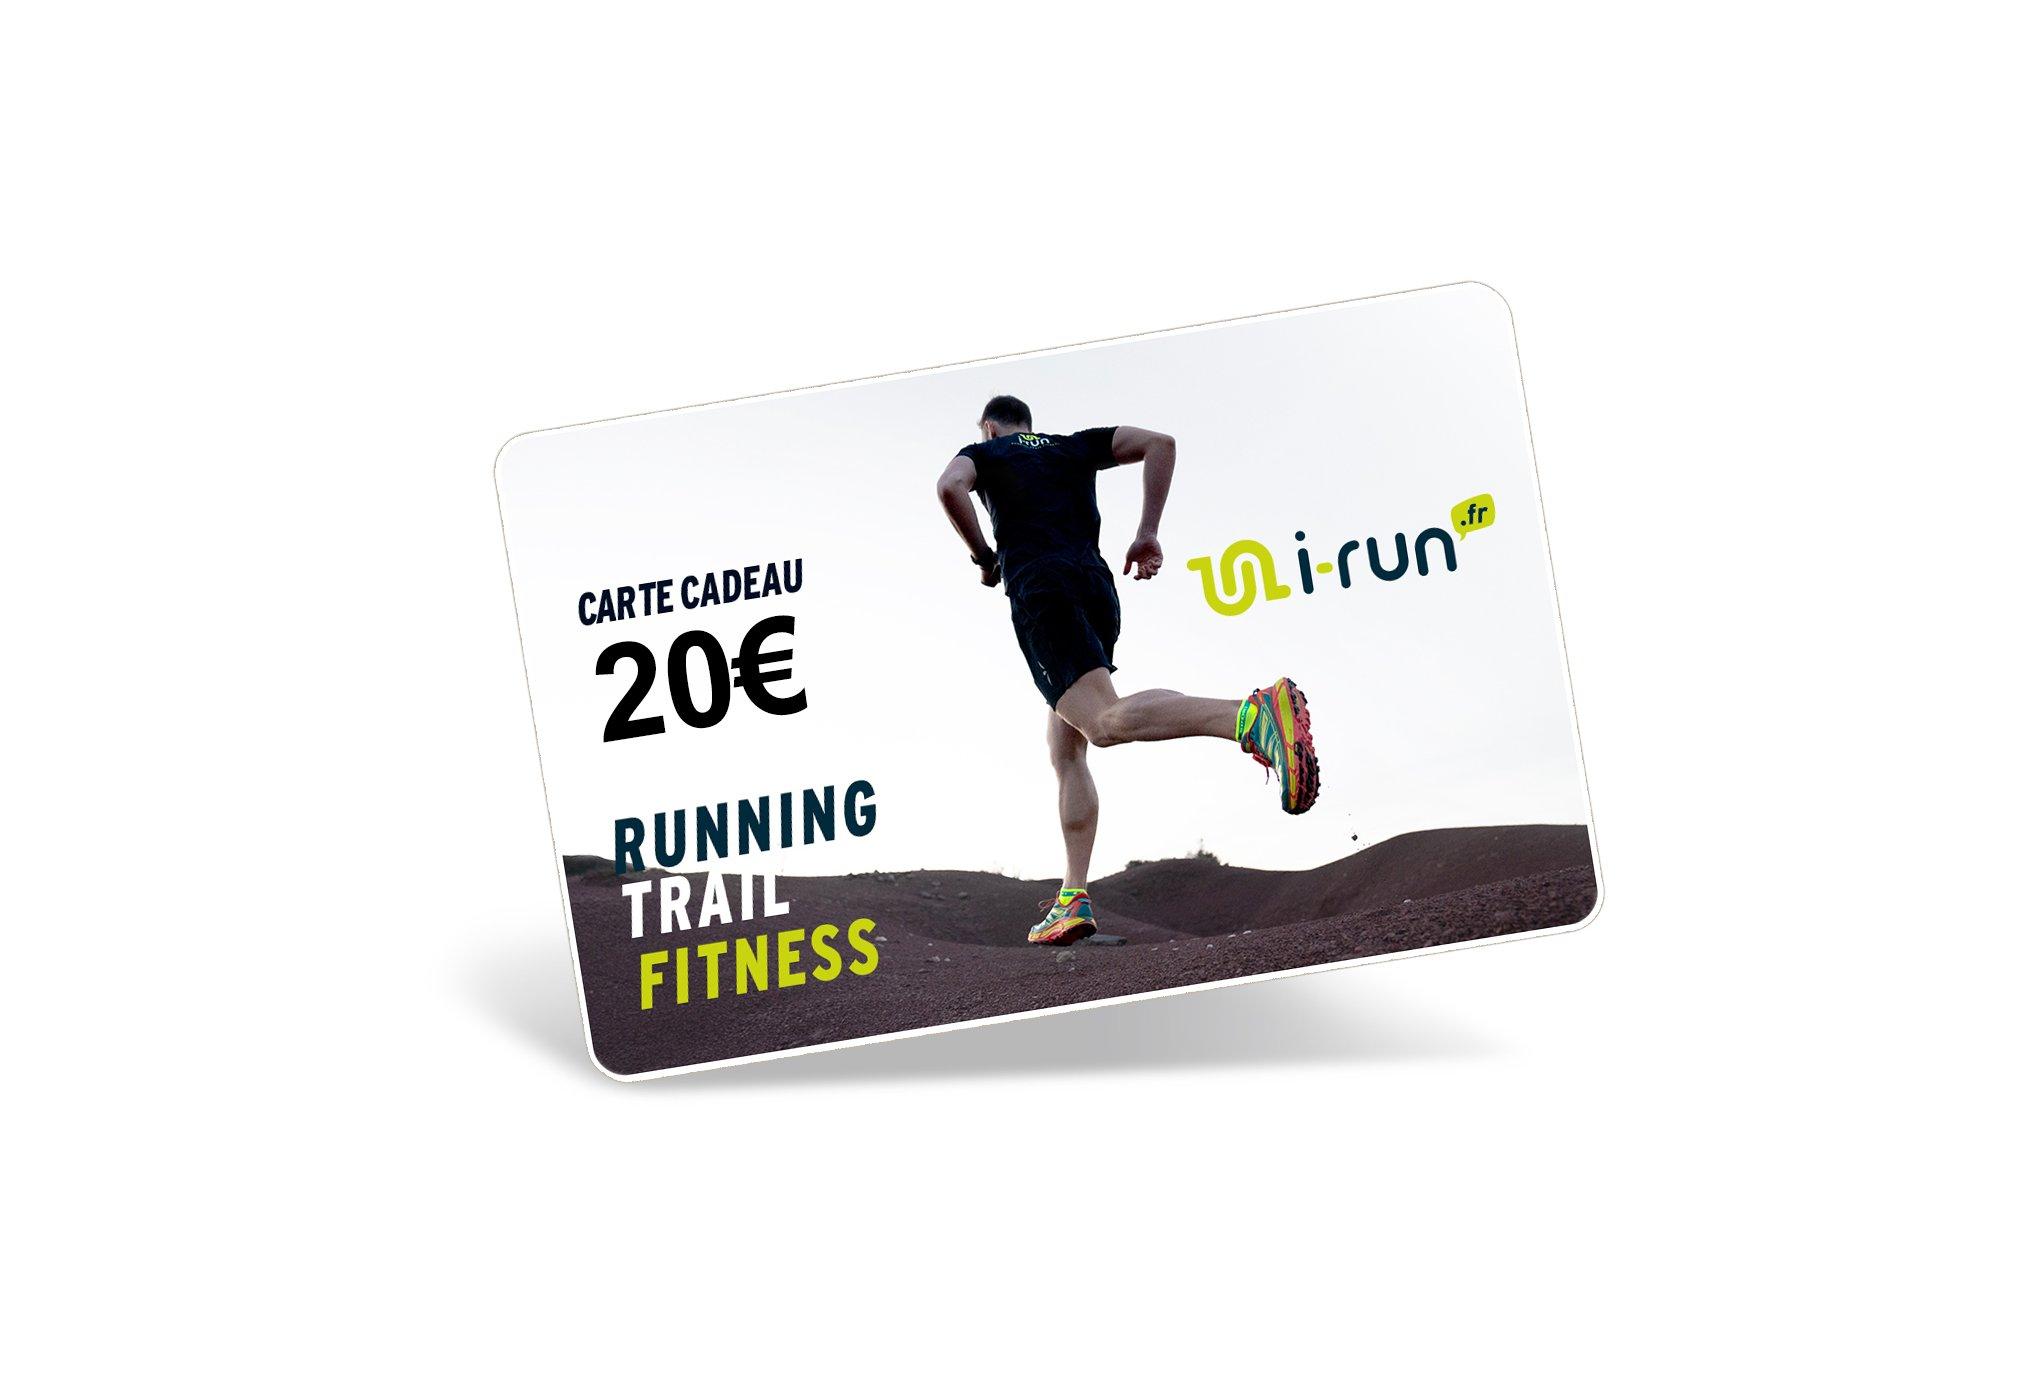 i-run.fr Carte Cadeau 20 M Cartes Cadeau